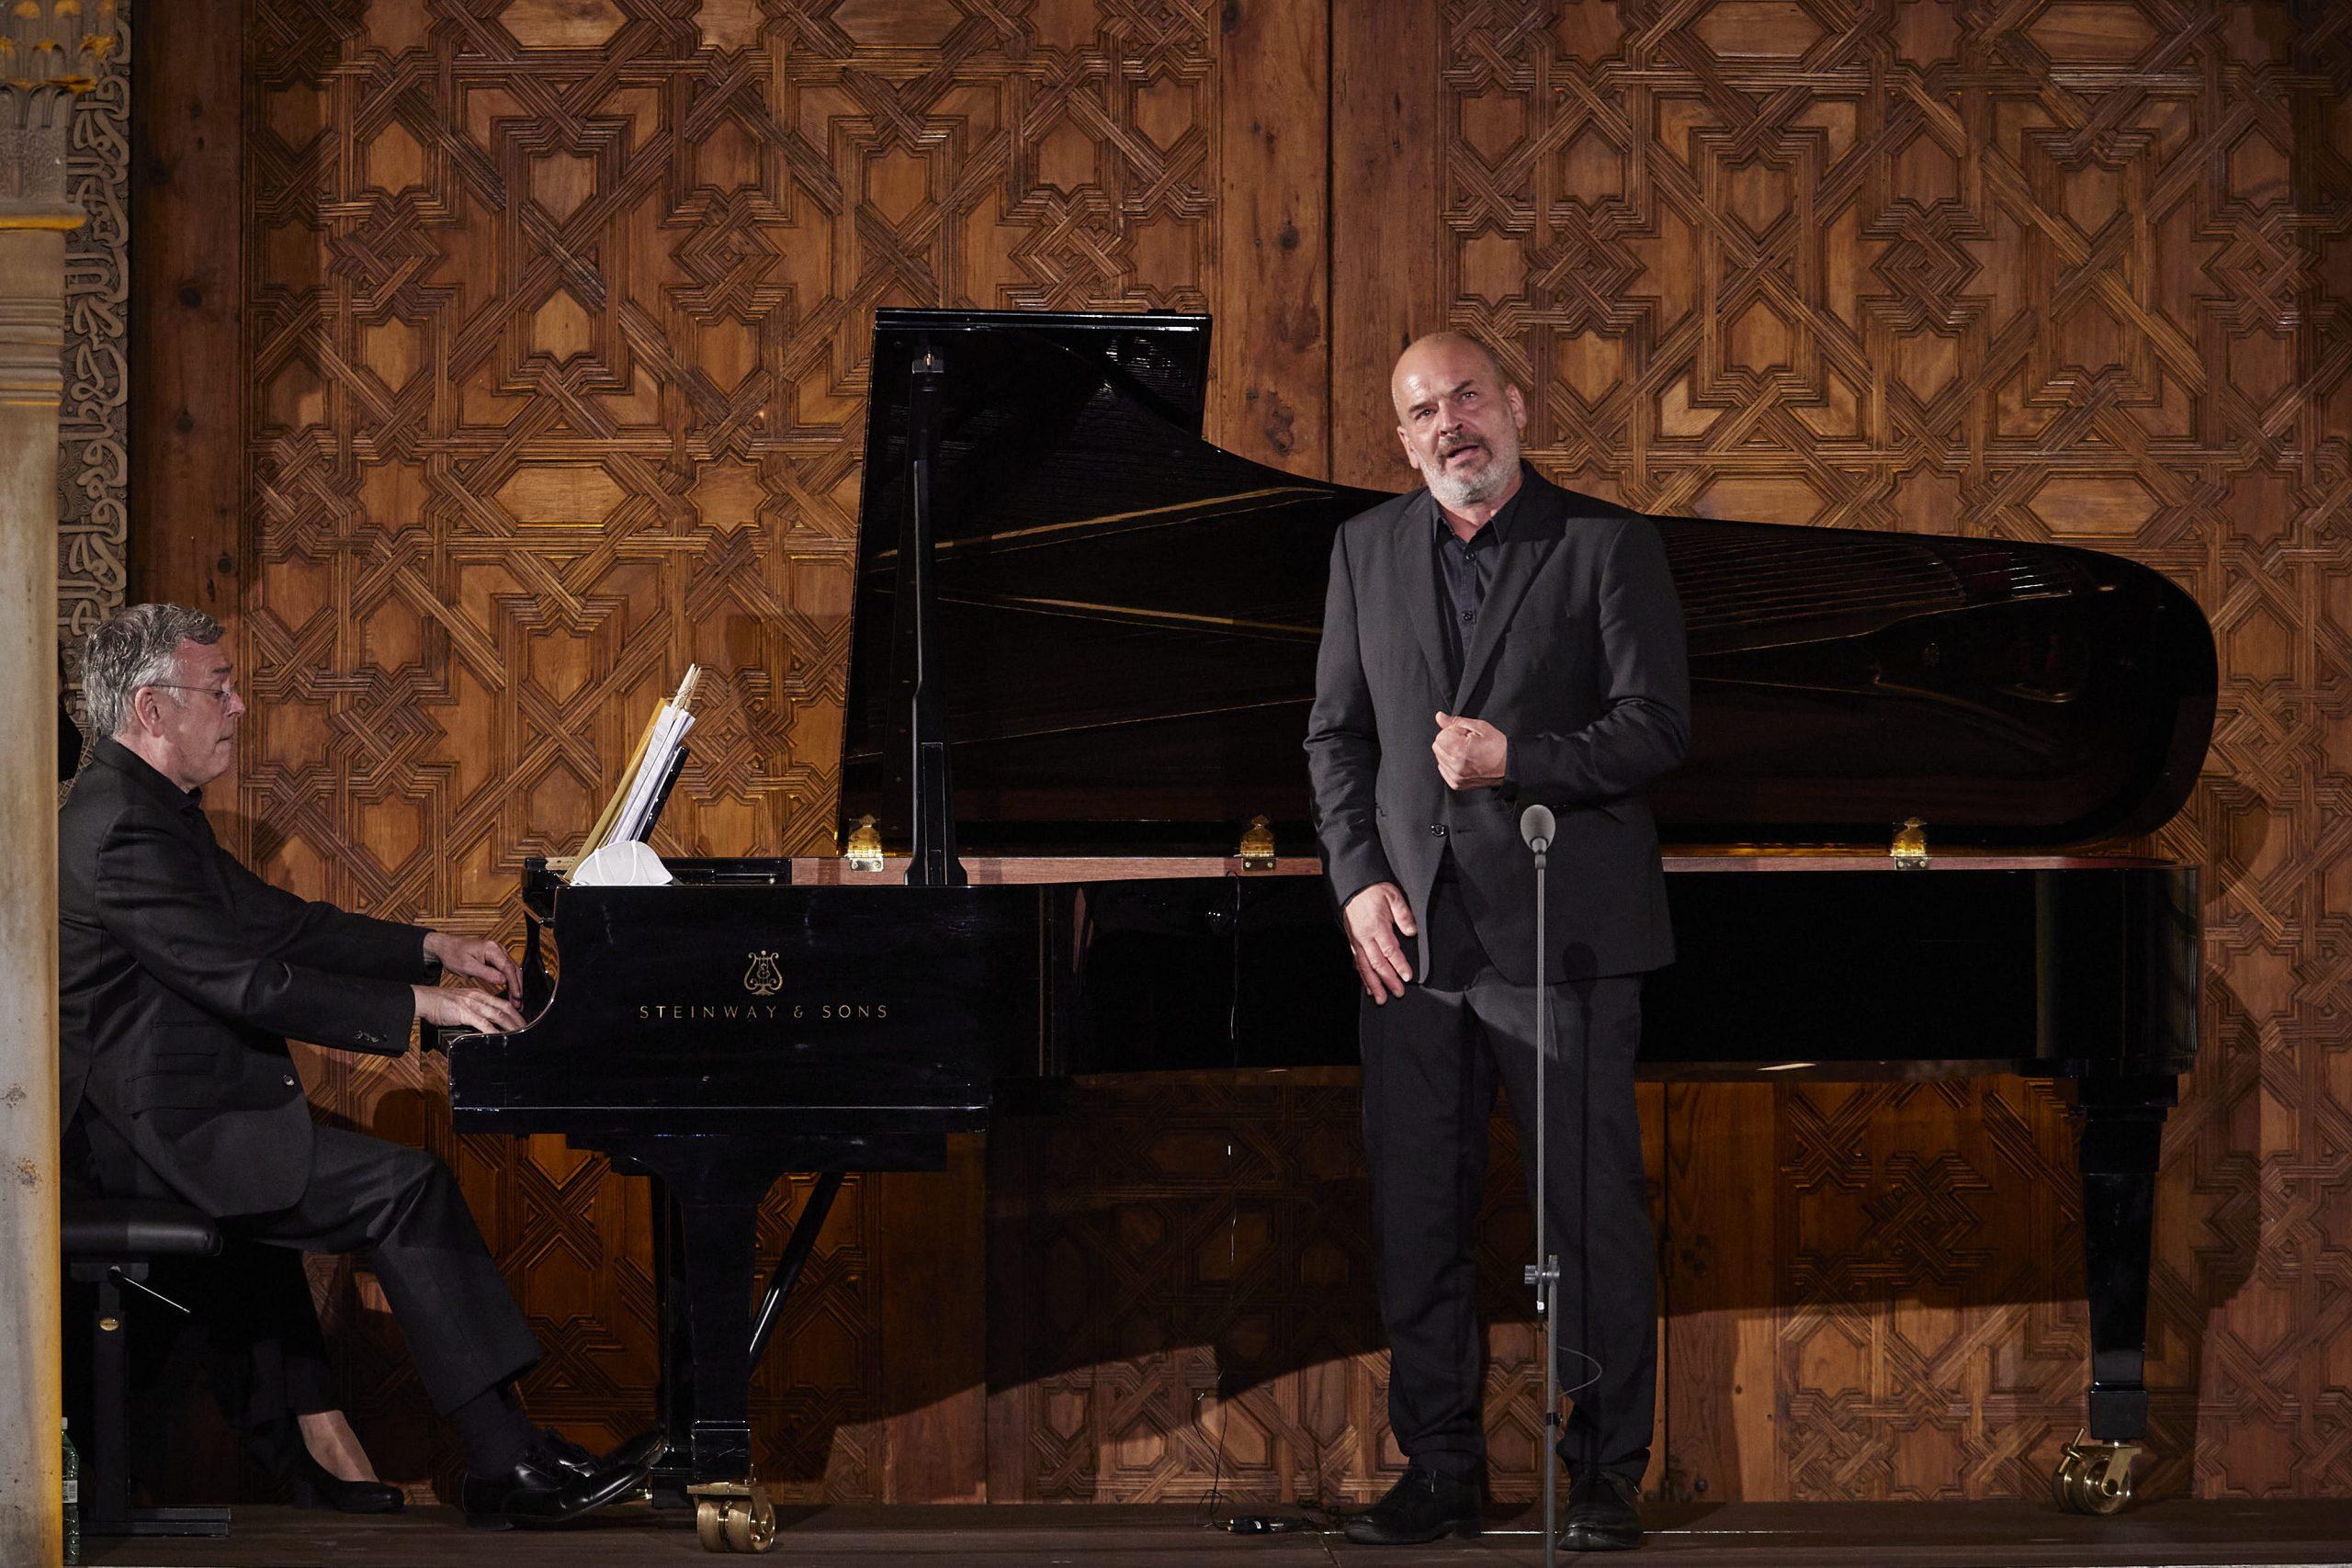 Crítica: Florian Boesch en el 70º Festival de Granada. Noche transparente y silenciosa